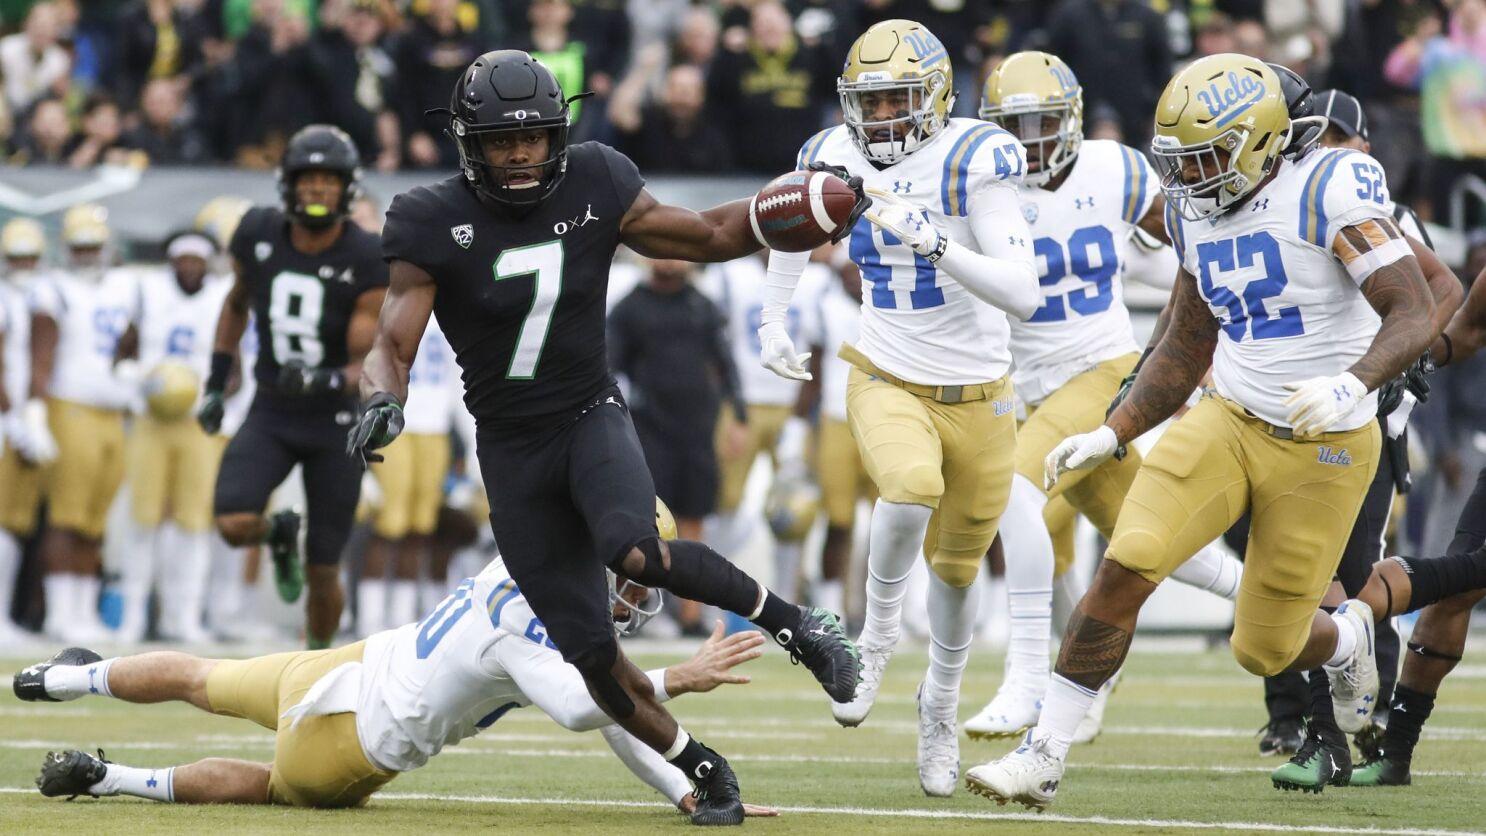 UCLA seeks better effort and efficiency on special teams